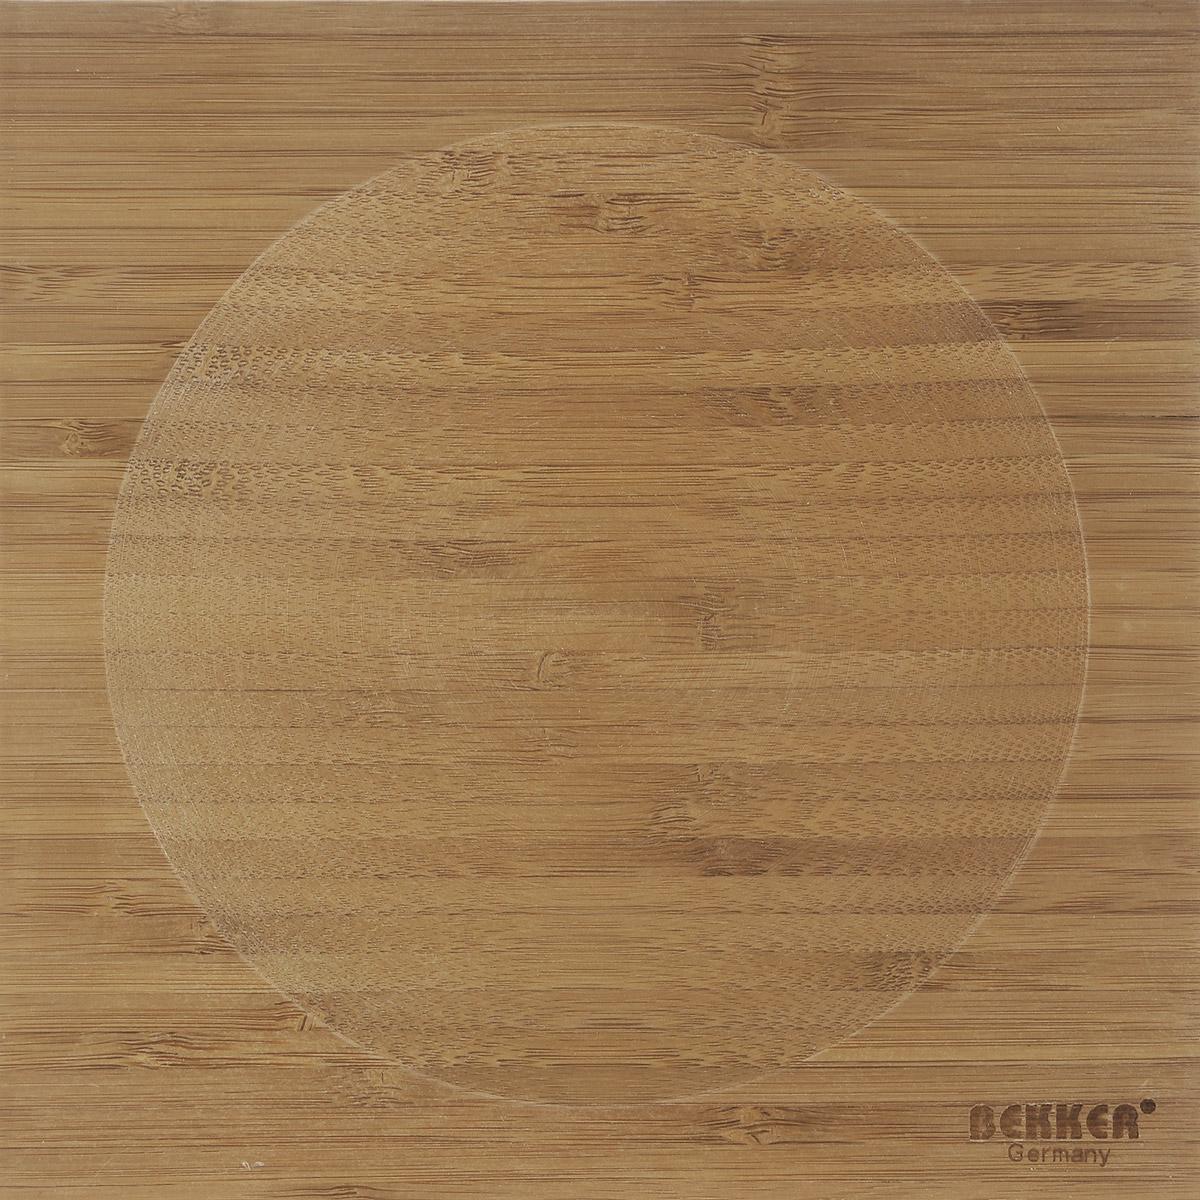 Доска разделочная Bekker, бамбуковая, 20 см х 20 смBK-9720Квадратная разделочная доска Bekker изготовлена из высококачественной древесины бамбука, обладающей антибактериальными свойствами. Бамбук - инновационный материал, идеально подходящий для разделочных досок. Доски из бамбука обладают высокой плотностью структуры древесины, а также устойчивы к механическим воздействиям. Доска оснащена углублением в середине. Функциональная и простая в использовании, разделочная доска Bekker прекрасно впишется в интерьер любой кухни и прослужит вам долгие годы.